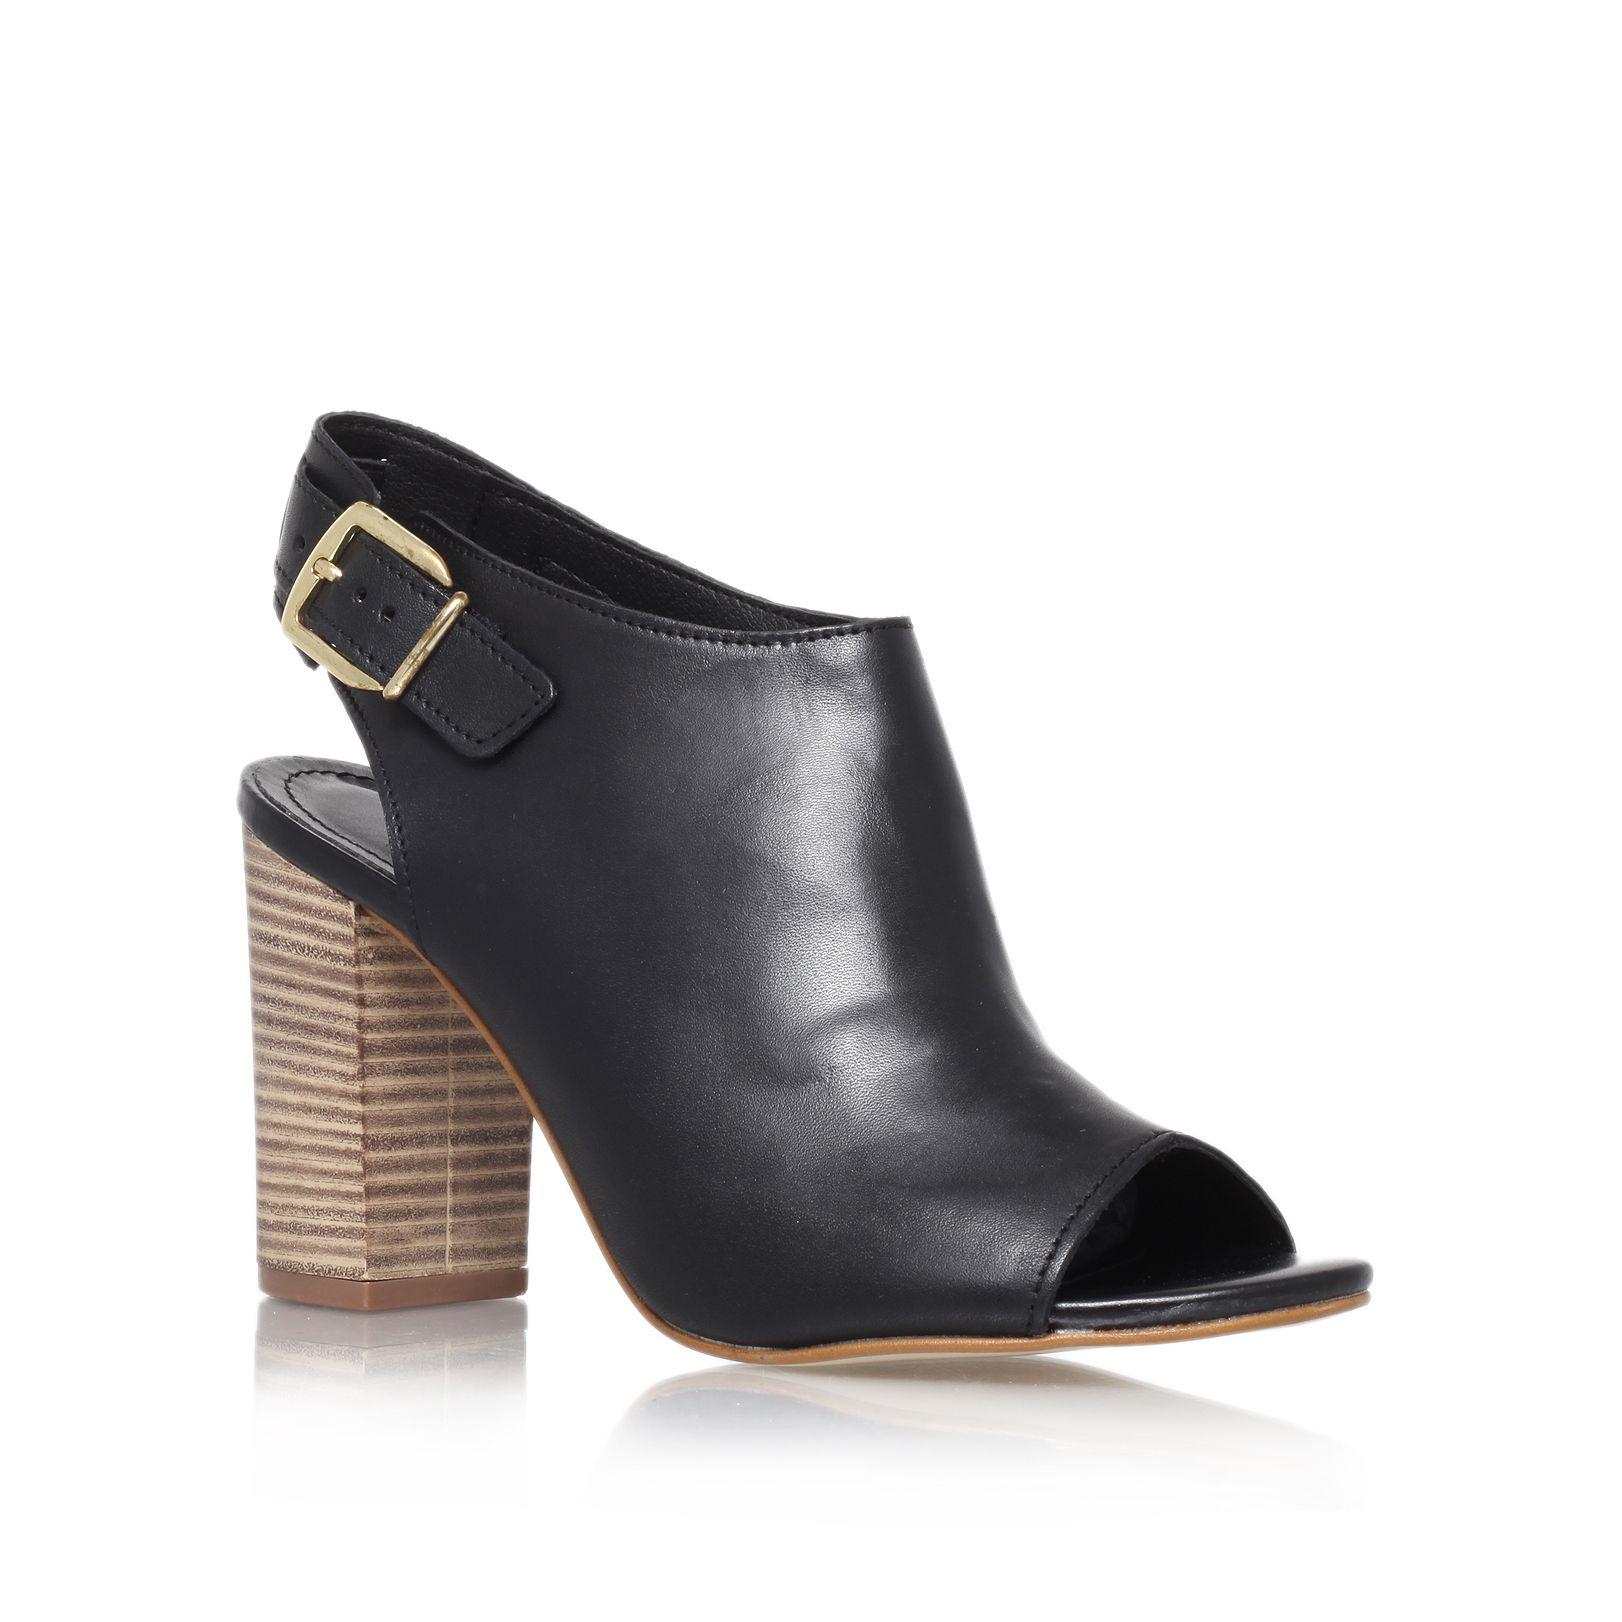 carvela kurt geiger asset high heel peep toe court shoes